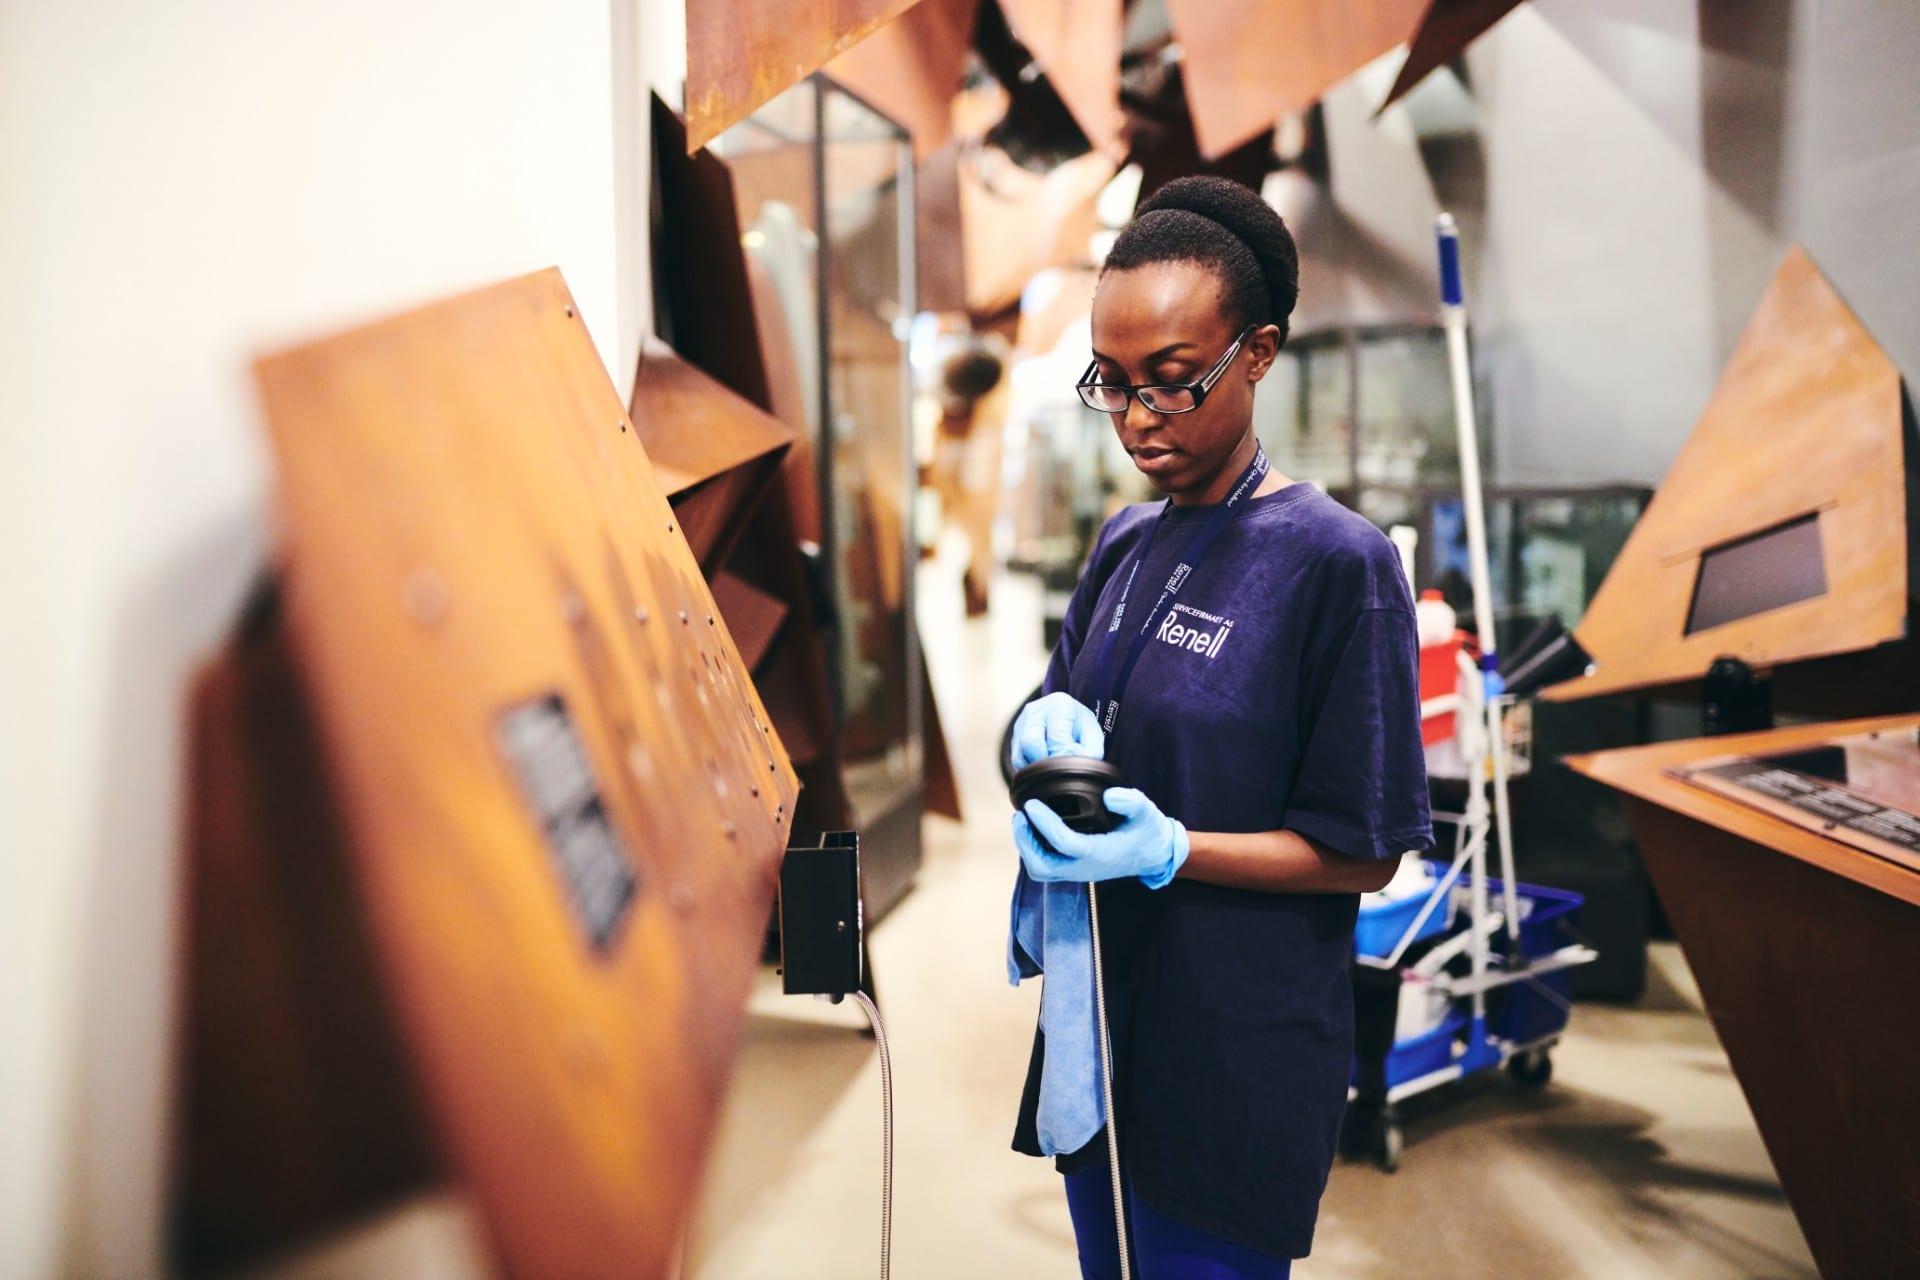 Renell-medarbejder tørrer høretelefoner af på et museum